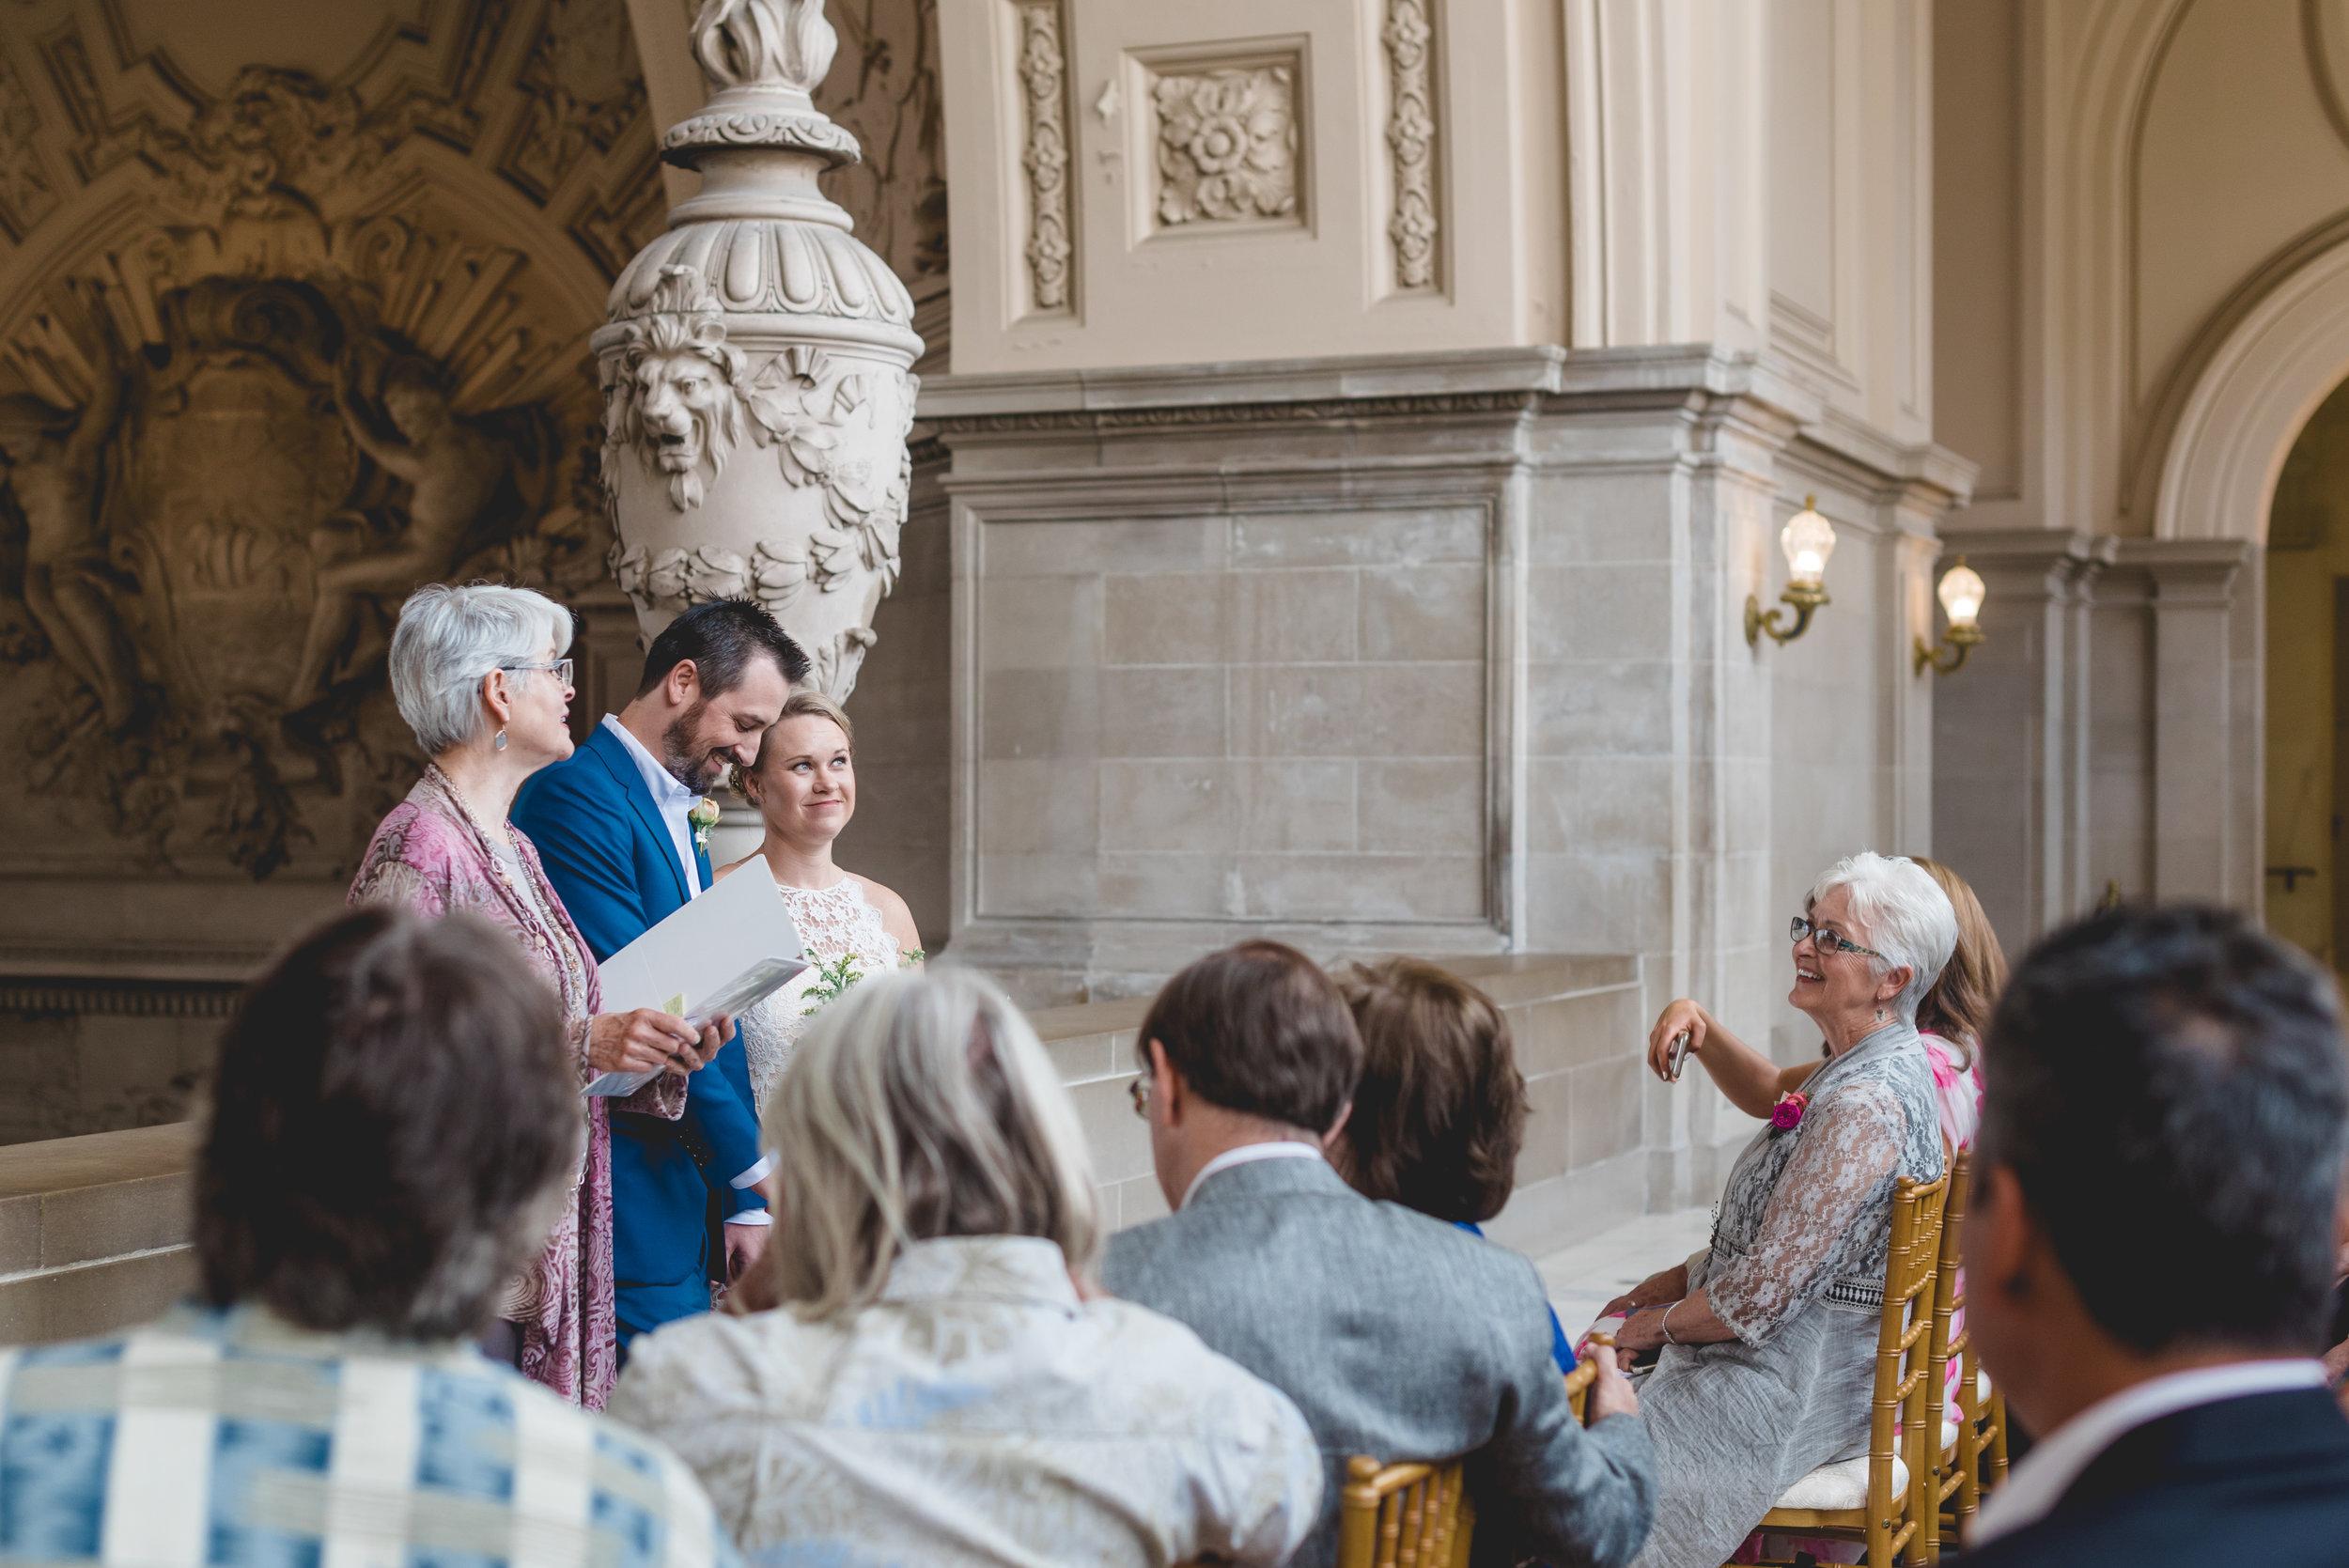 mcdaniels_conroy-wedding-ceremony-44.jpg